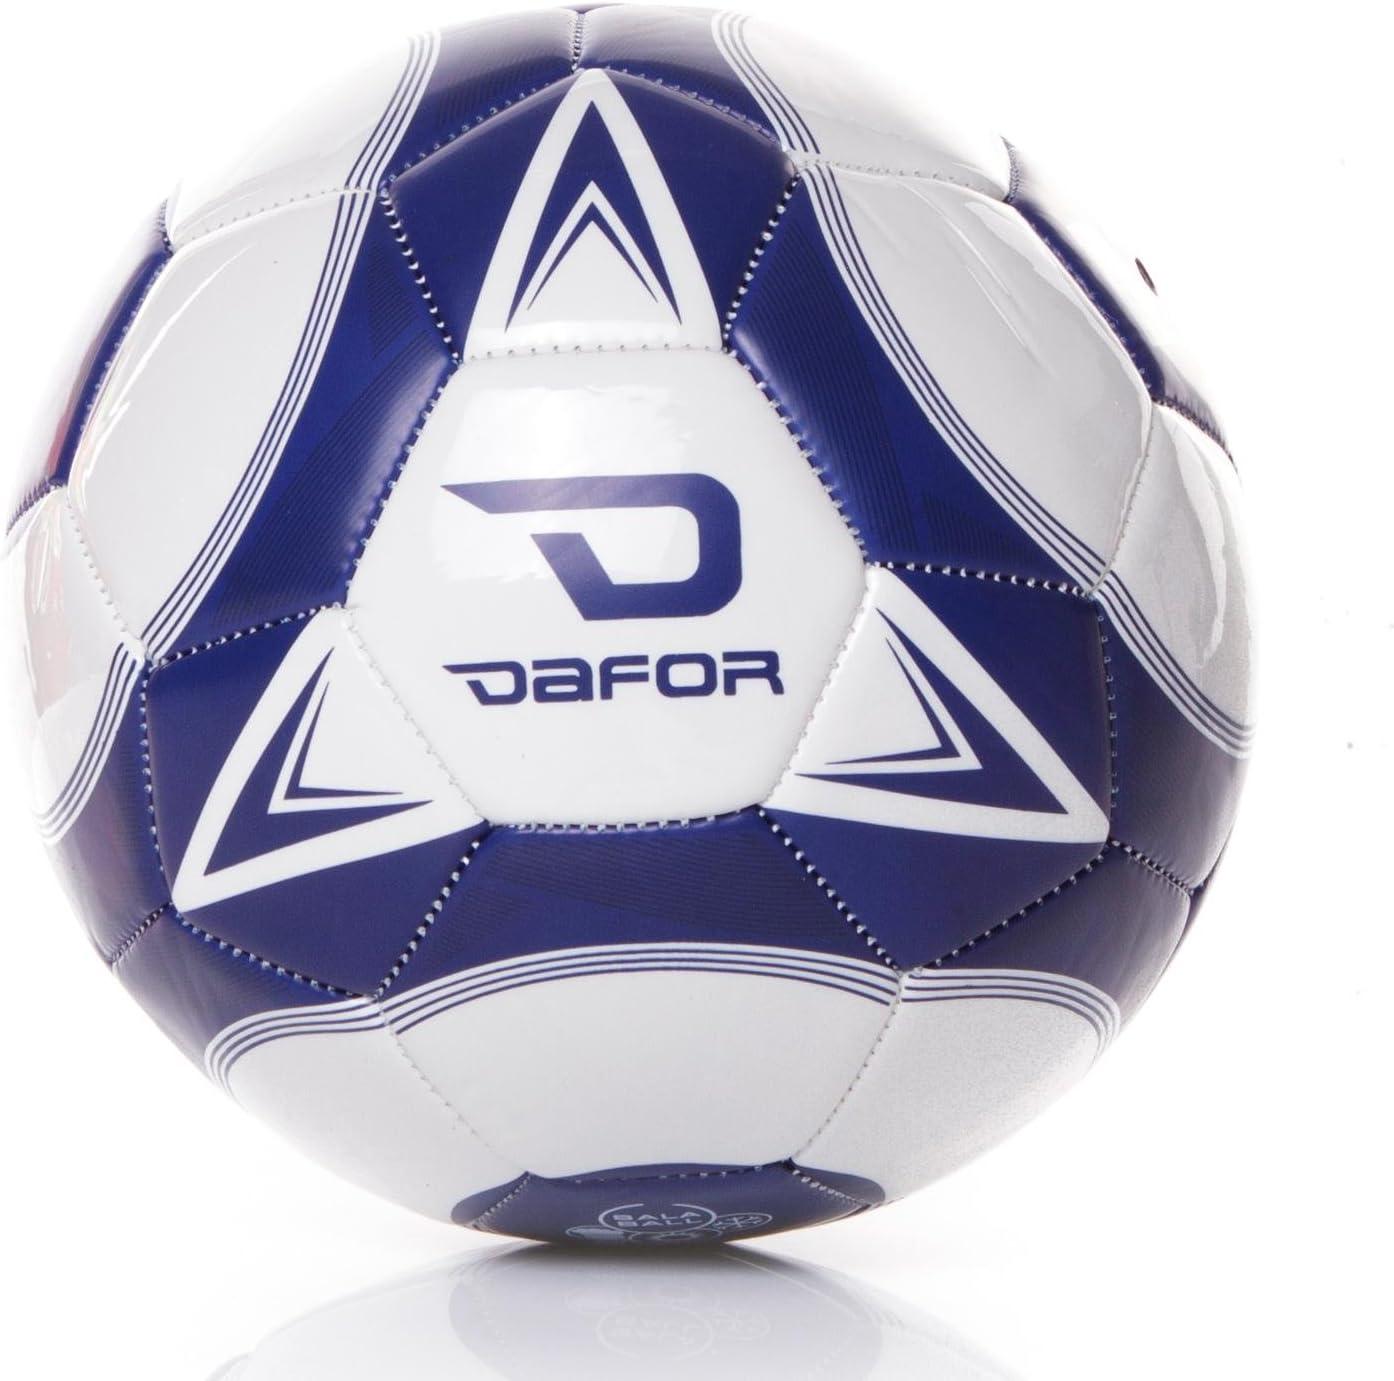 Dafor Balón Fútbol Sala (Talla: 3): Amazon.es: Deportes y aire libre